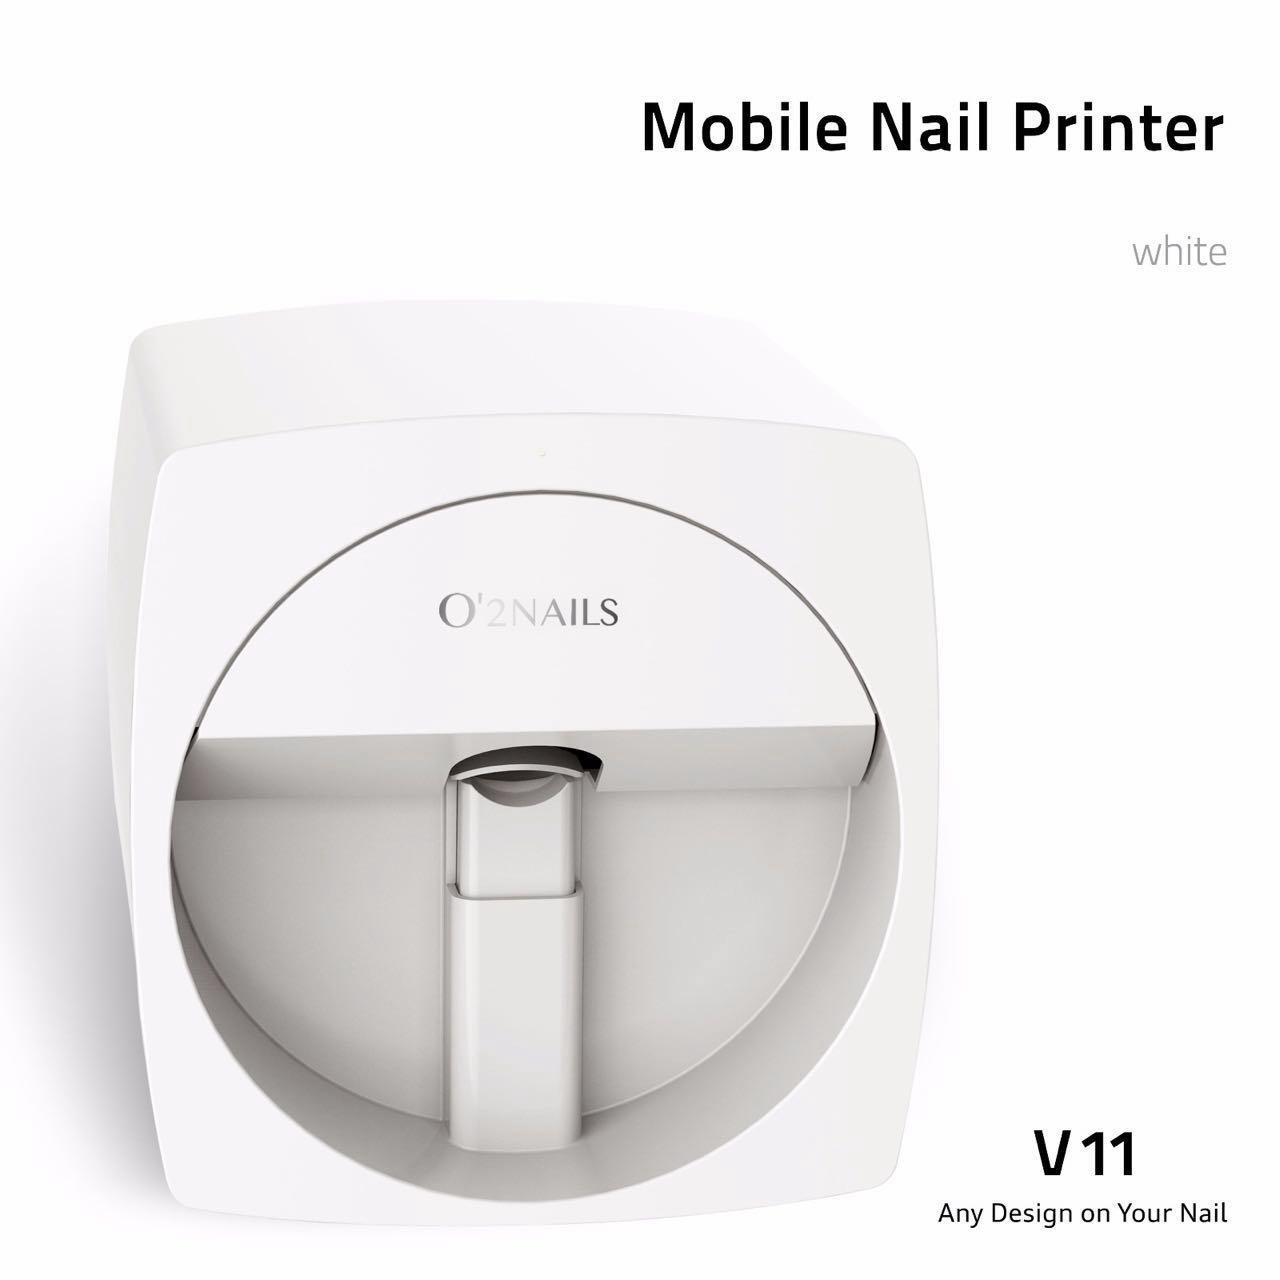 Amazon.com: Syric - Máquina de pintura de uñas automática ...